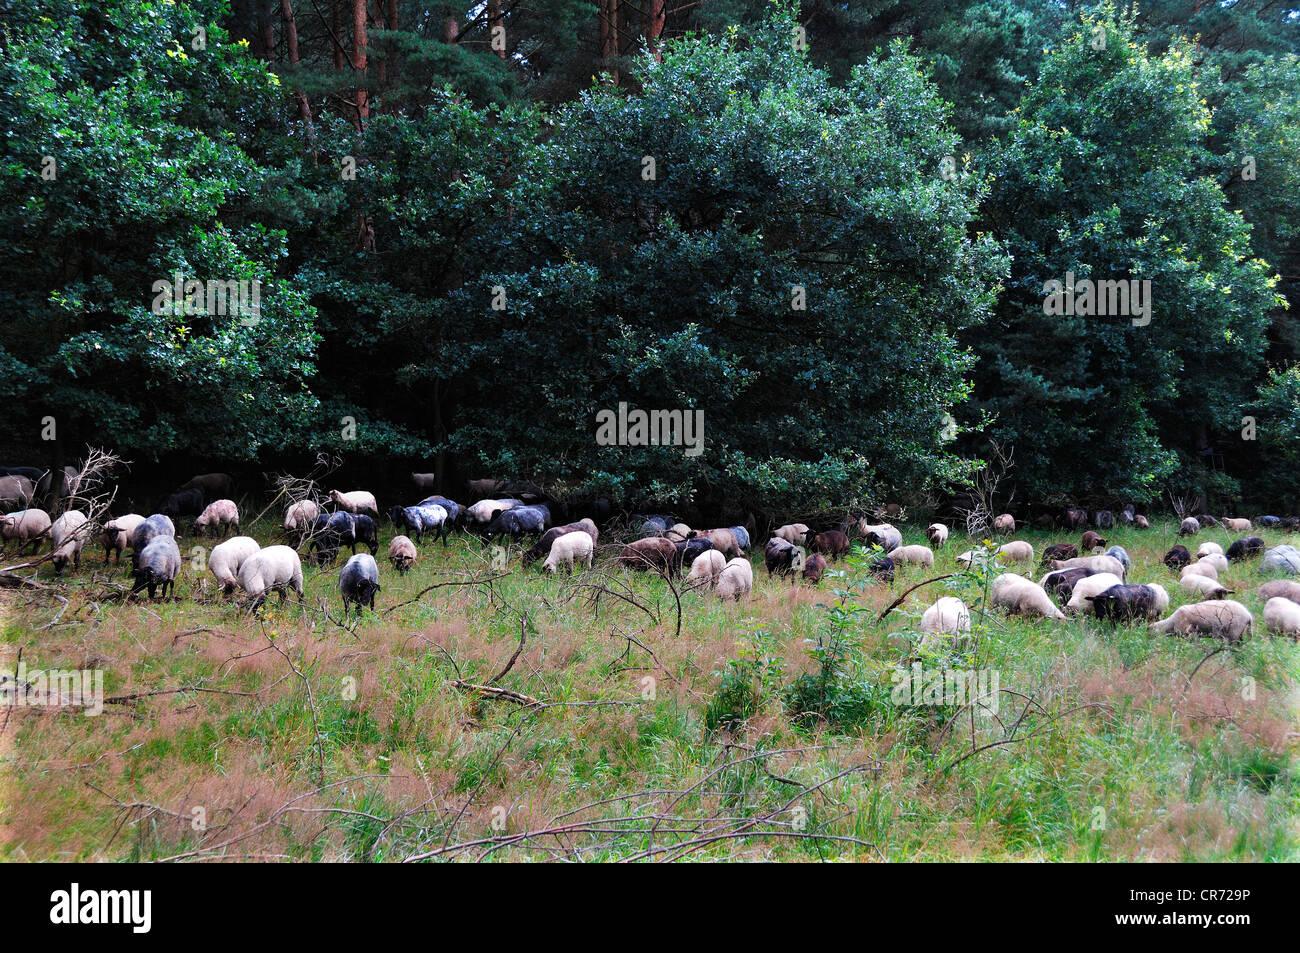 Ovejas, un paisaje raza de pastoreo en zonas de conservación Pinnow, Mecklemburgo-Pomerania Occidental, Alemania, Europa Foto de stock